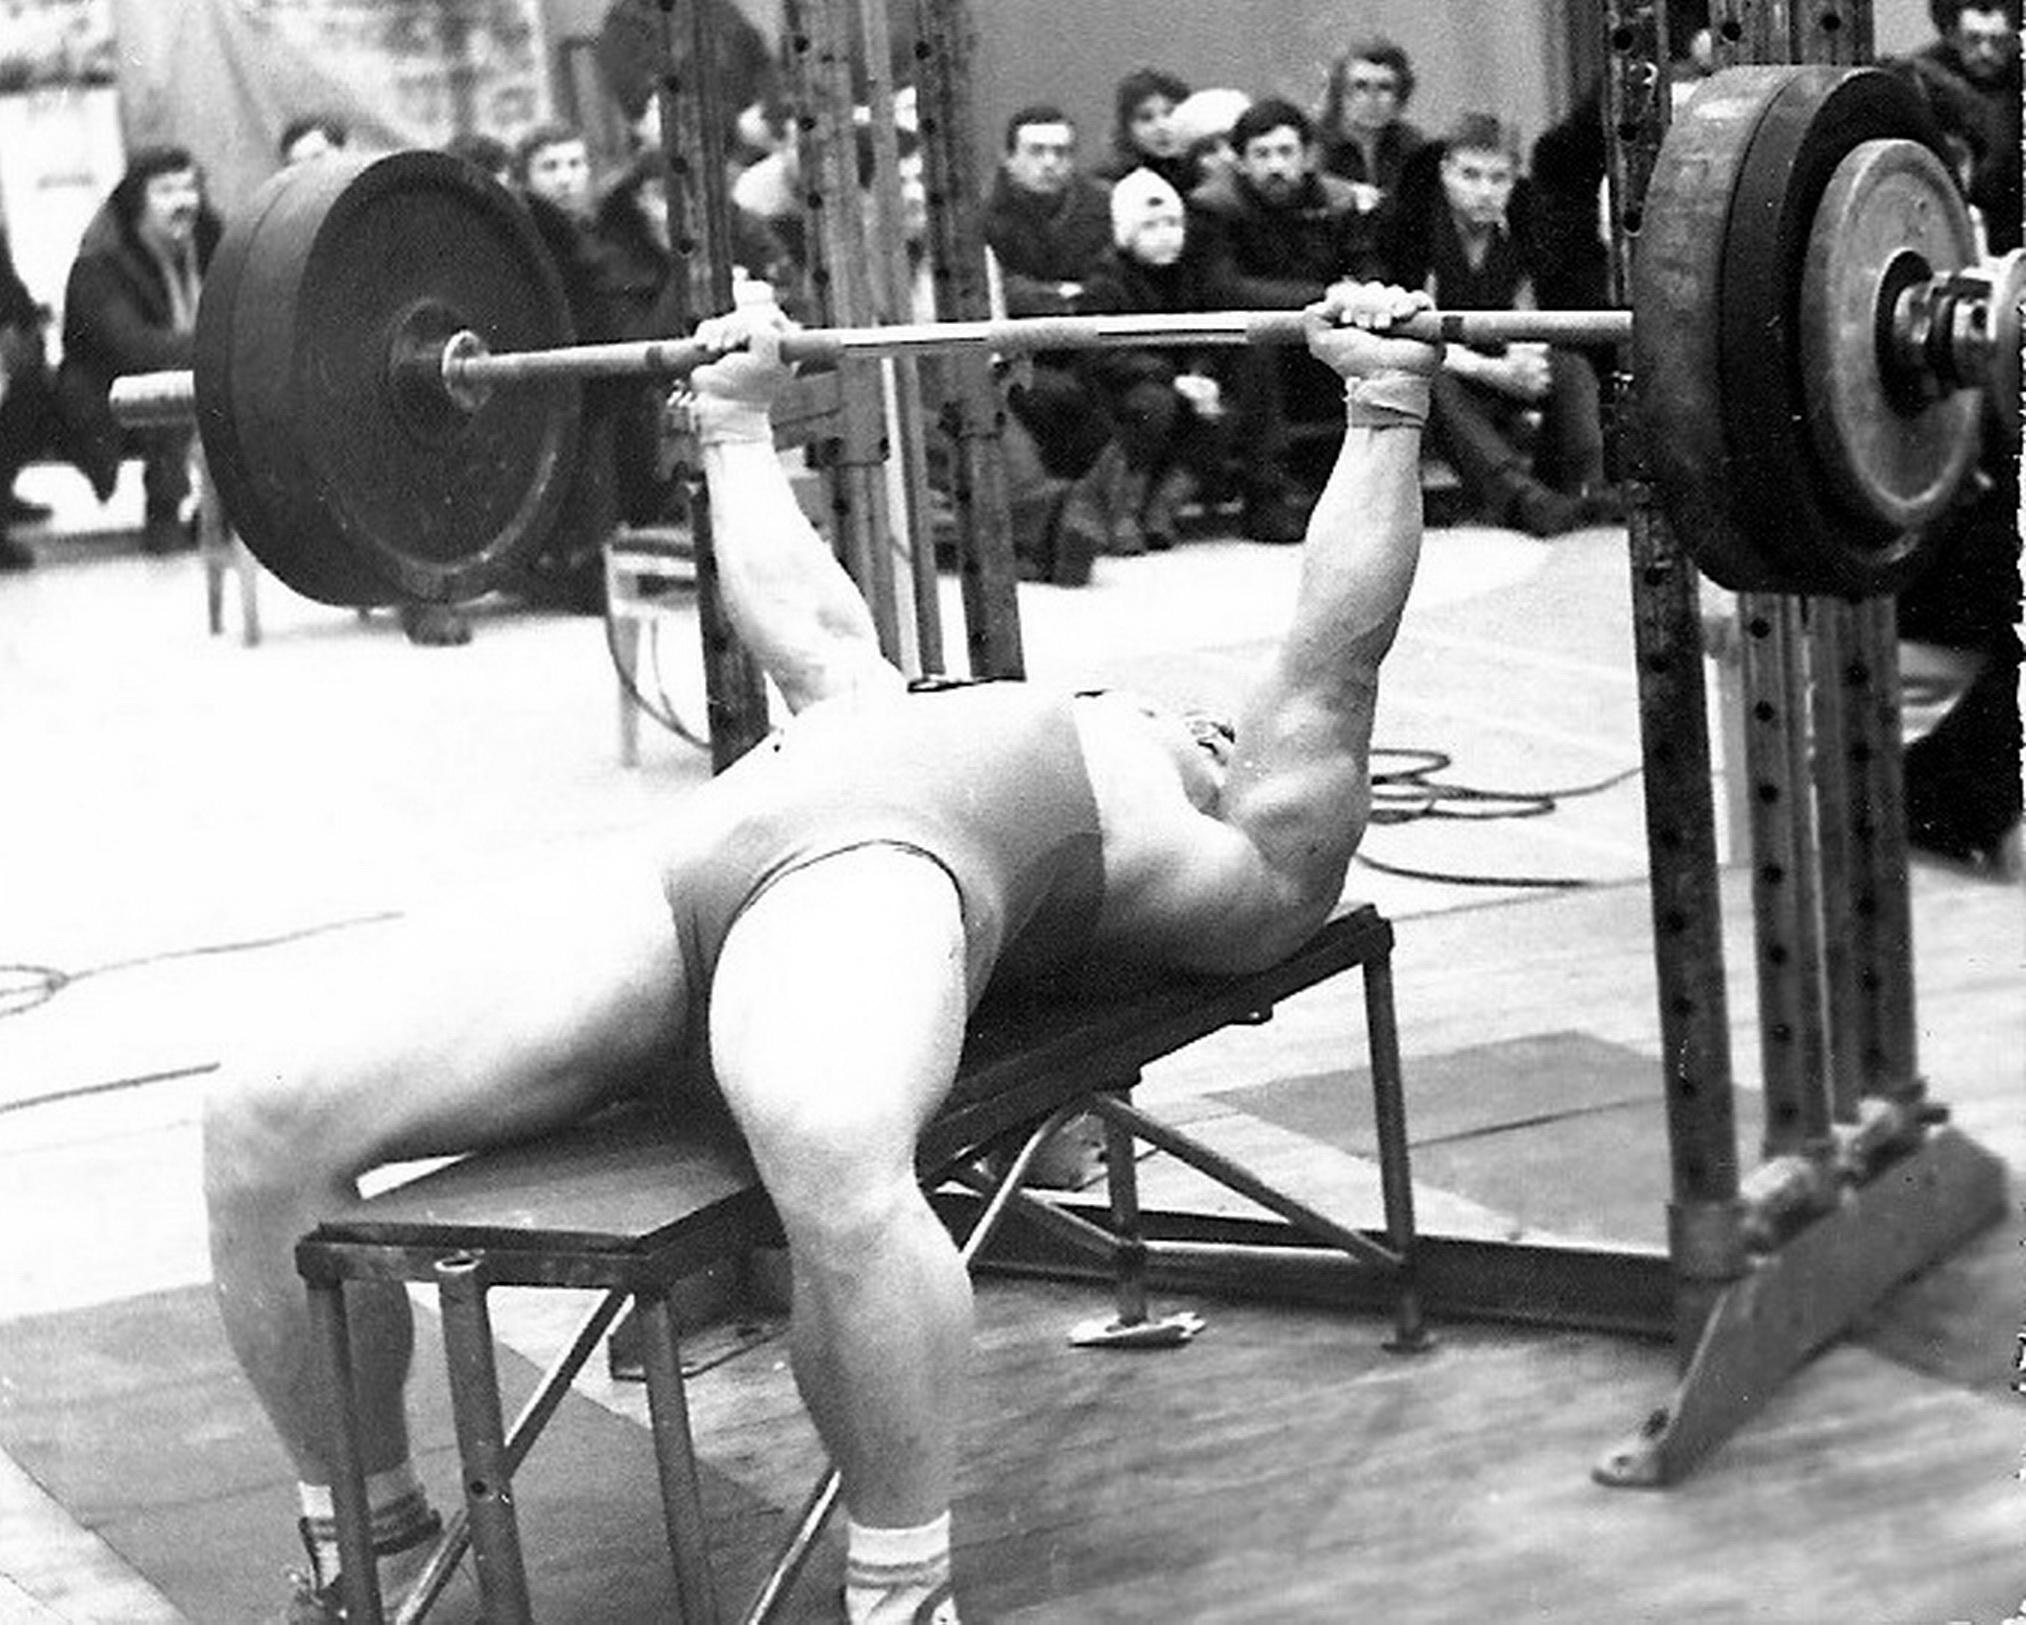 Время отдыха между подходами в силовом тренинге - от вице-чемпиона СССР